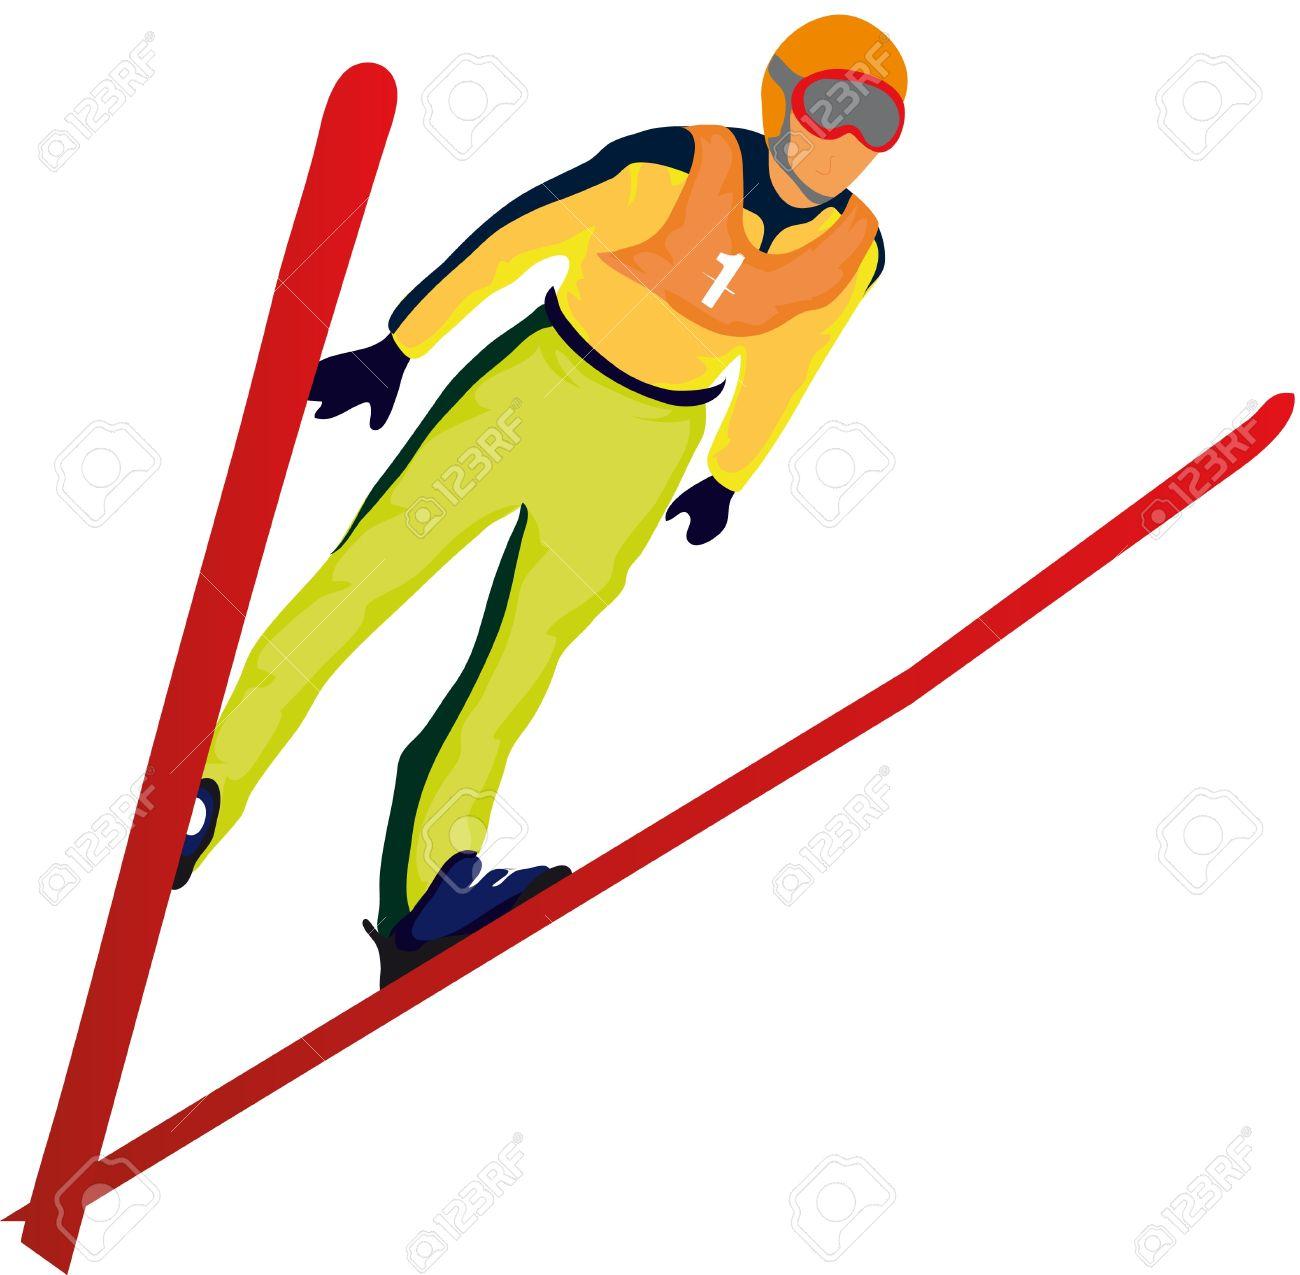 Рисунок прыгающего с трамплина лыжника